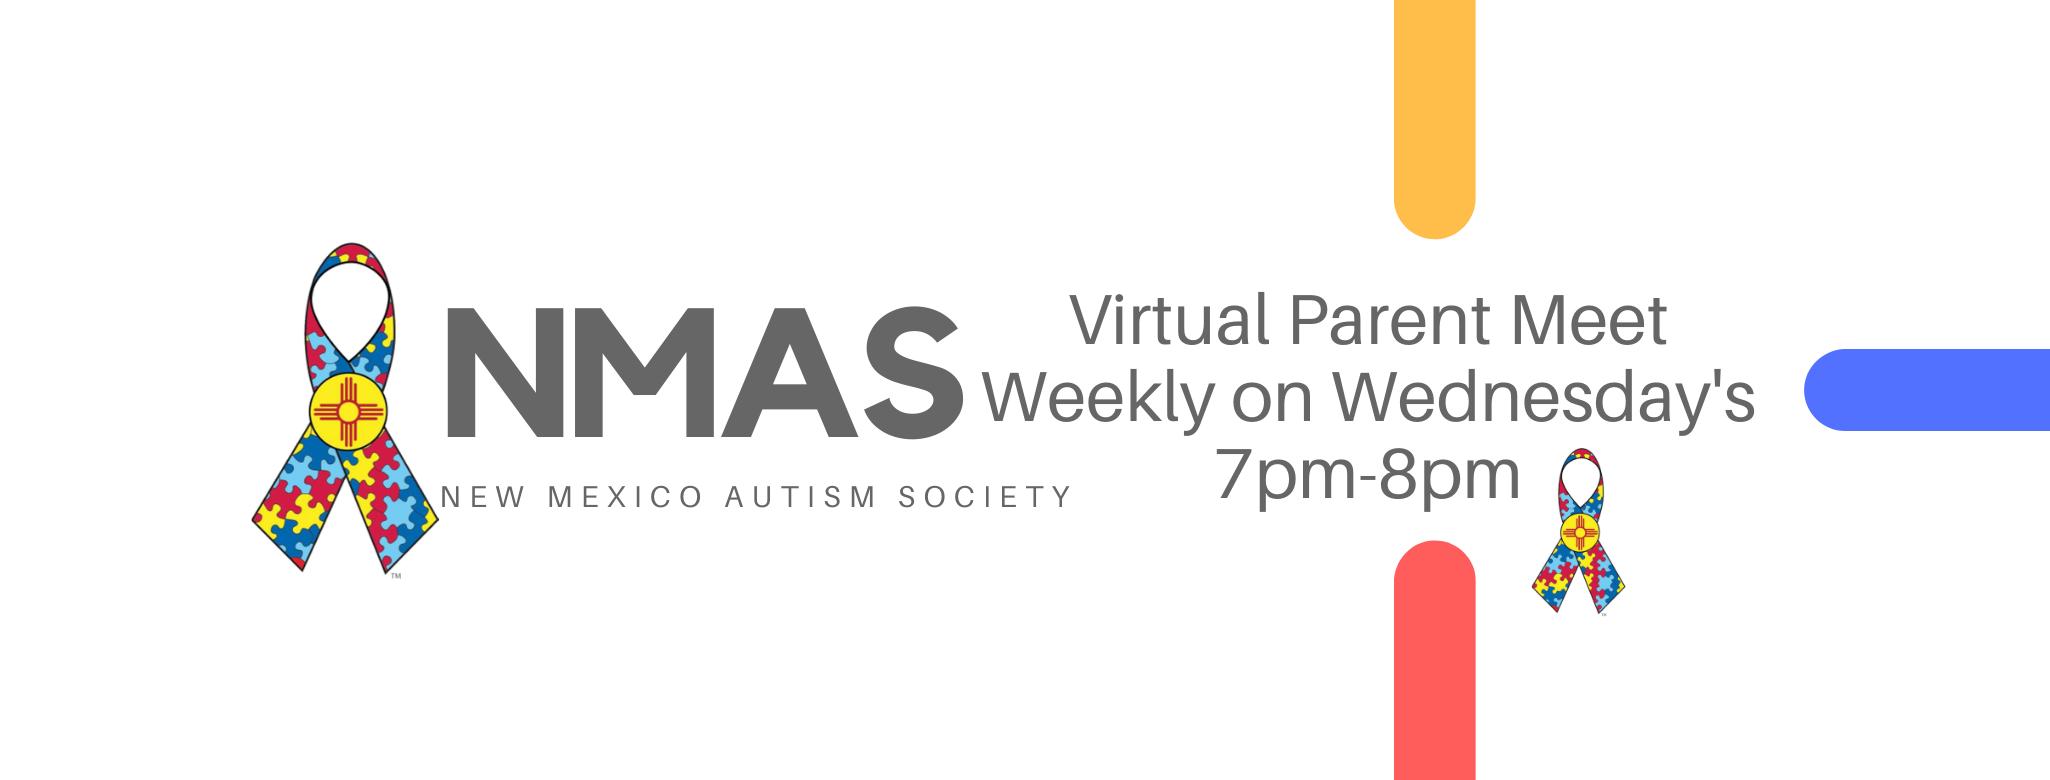 Virtual Parent Meet Image